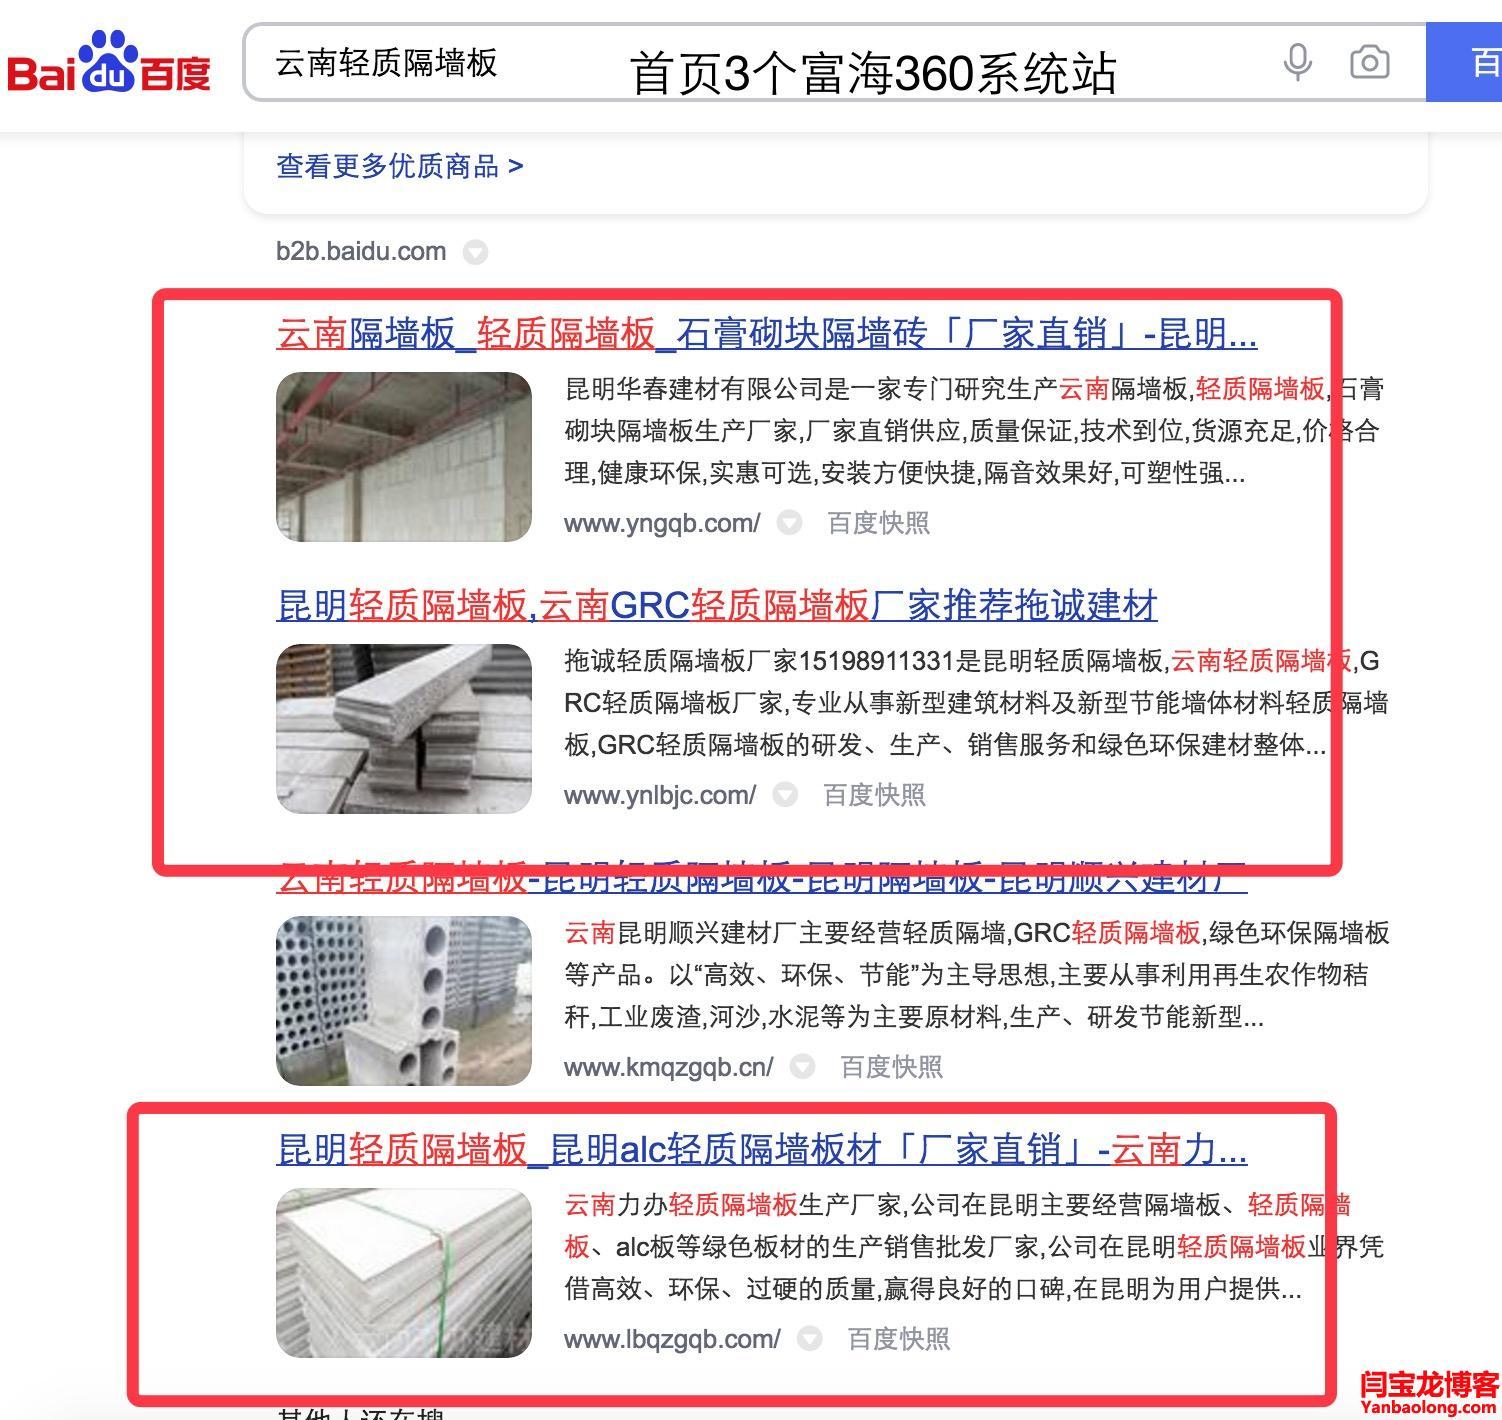 轻质隔墙板行业3个独立站使用富海360系统排名首页